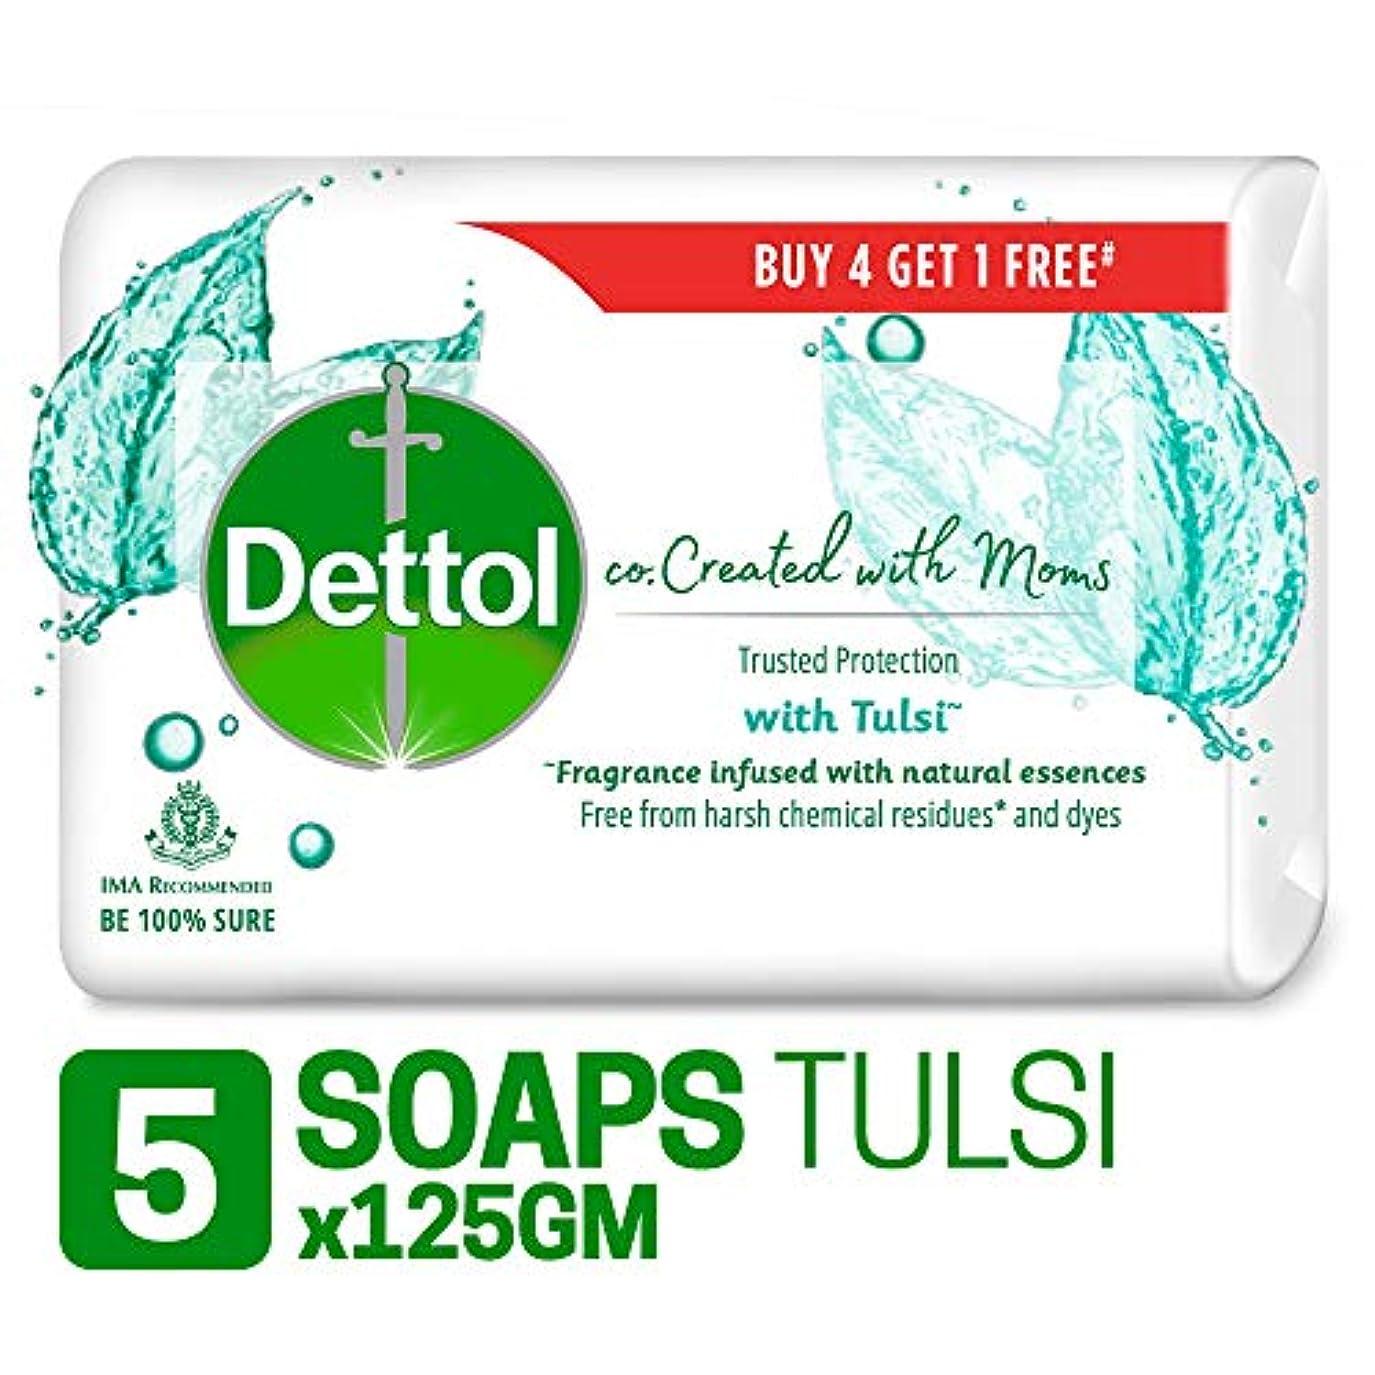 パトロールバウンド経験Dettol Co-created with moms Tulsi Bathing Soap, 125gm (Buy 4 Get 1 Free)